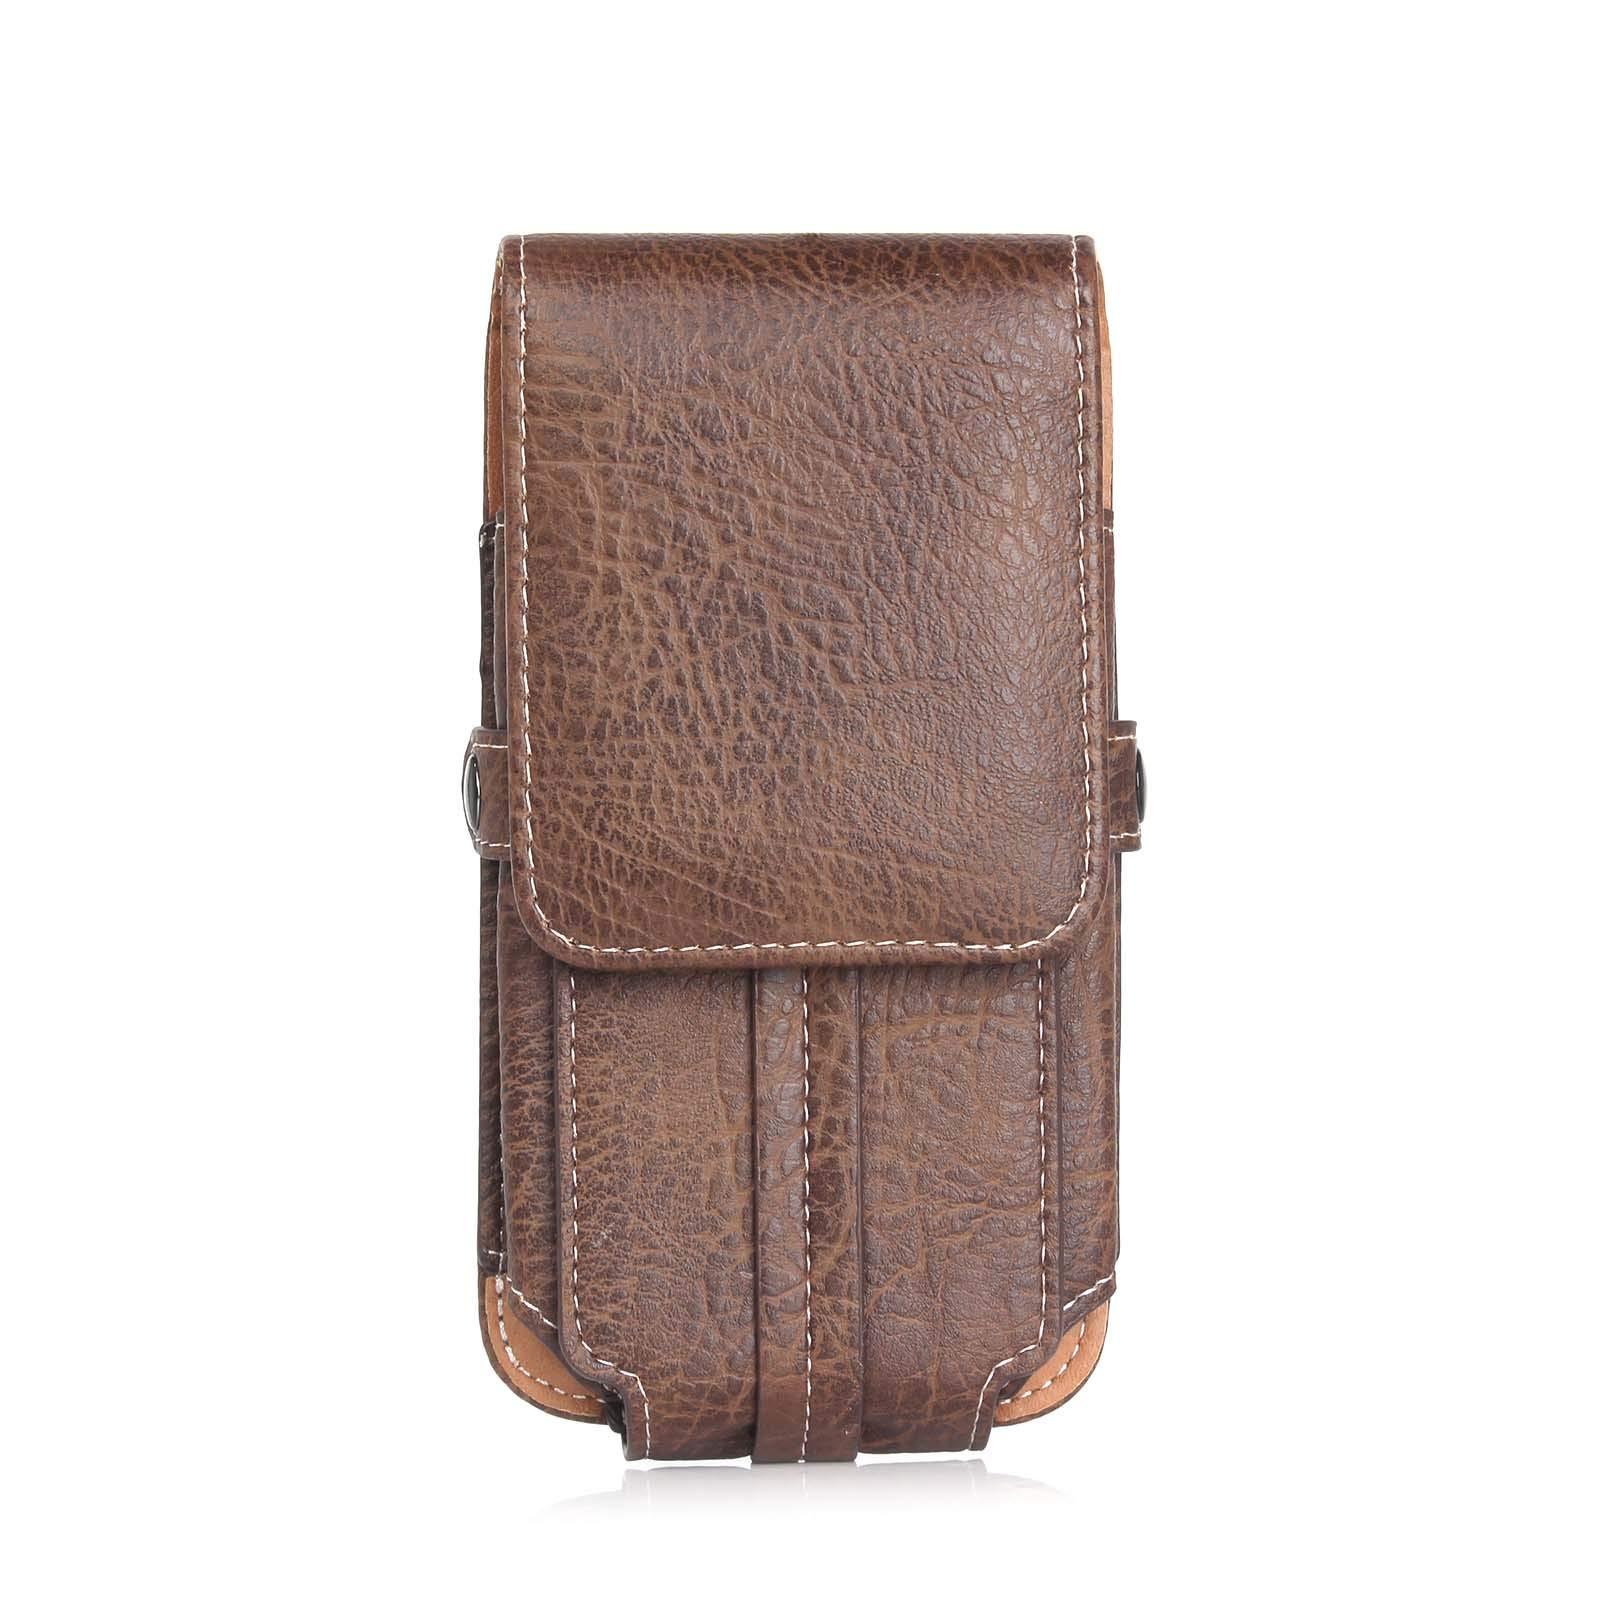 Maxlight Waist Packs Men for Blackview BV9000/ BV9000 Pro Belt Loop Clip Leather Pouch for Blackview BV9500 BV9600 BV6800 Bag Phone Bags (Dark Coffee, 6.3 inch) by Maxlight